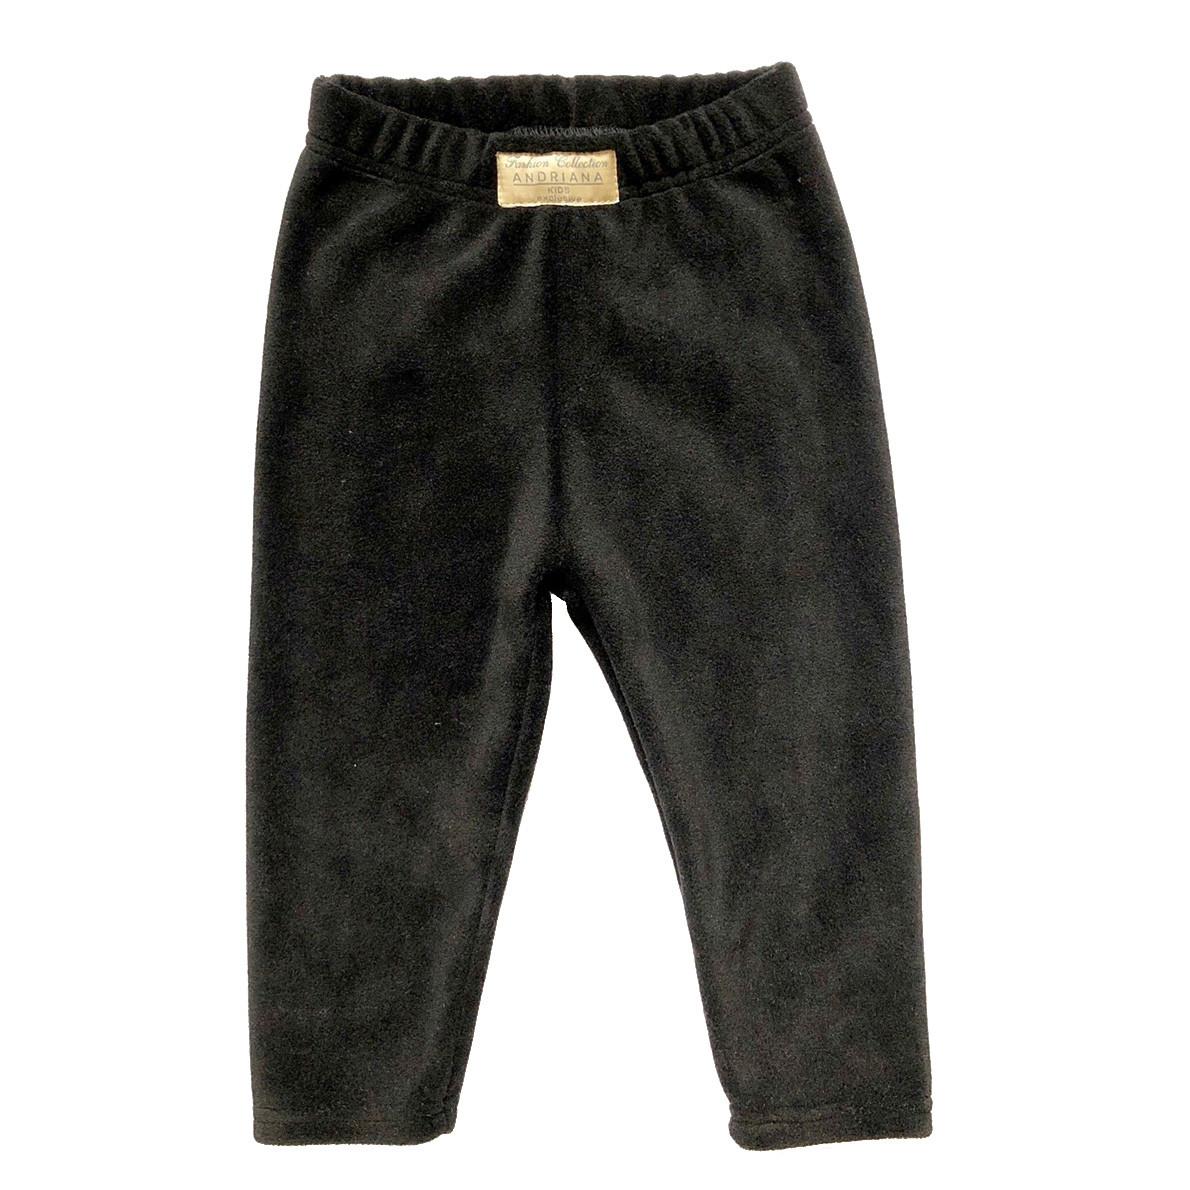 Теплые флисовые штанишки Andriana Kids для мальчика от 1 до 4 лет черные